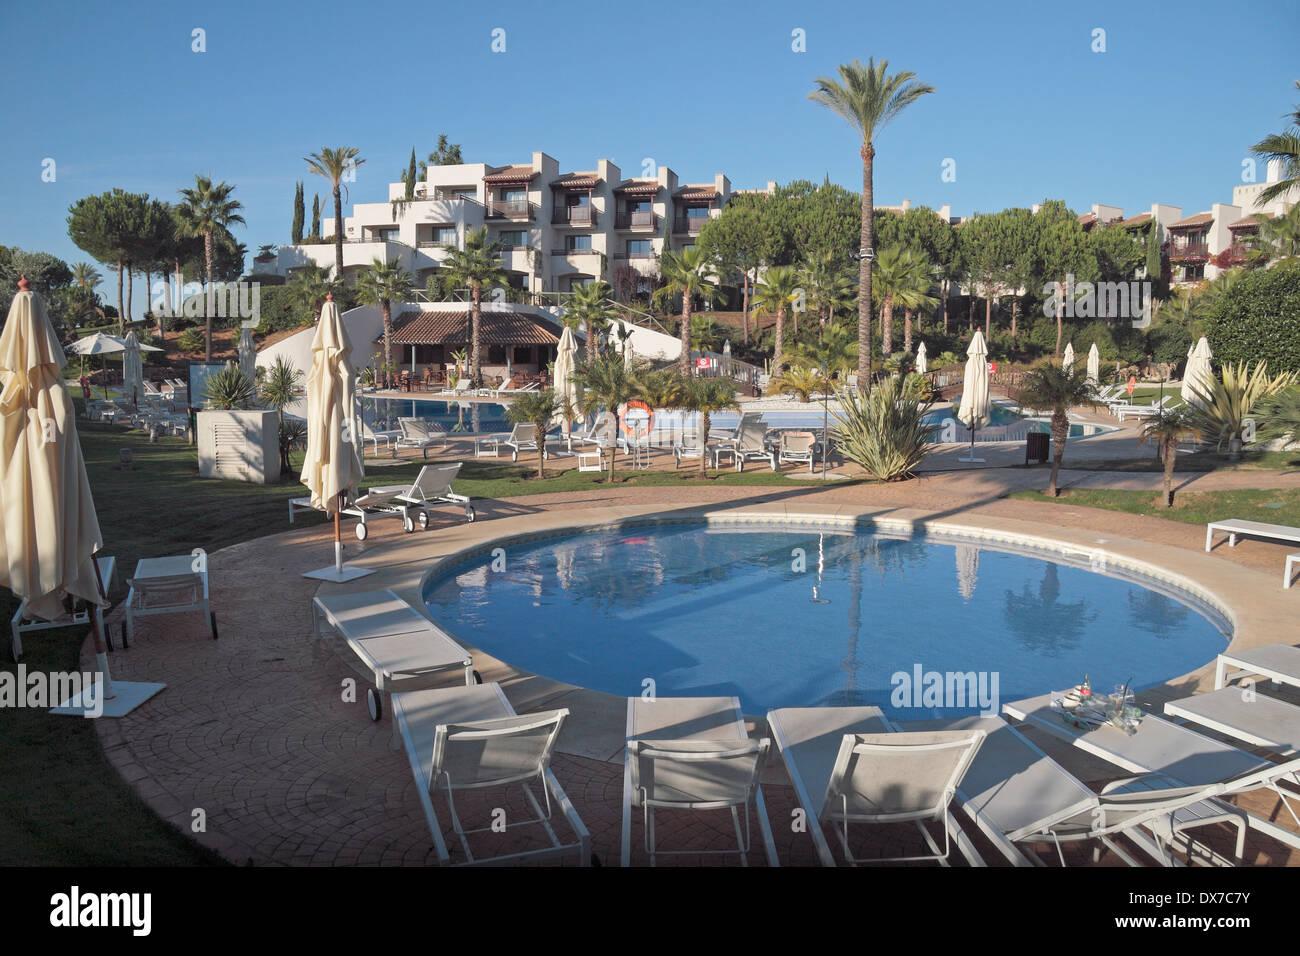 The Precise Resort El Rompido, El Rompido, Costa de la Luz Huelva, Spain. - Stock Image